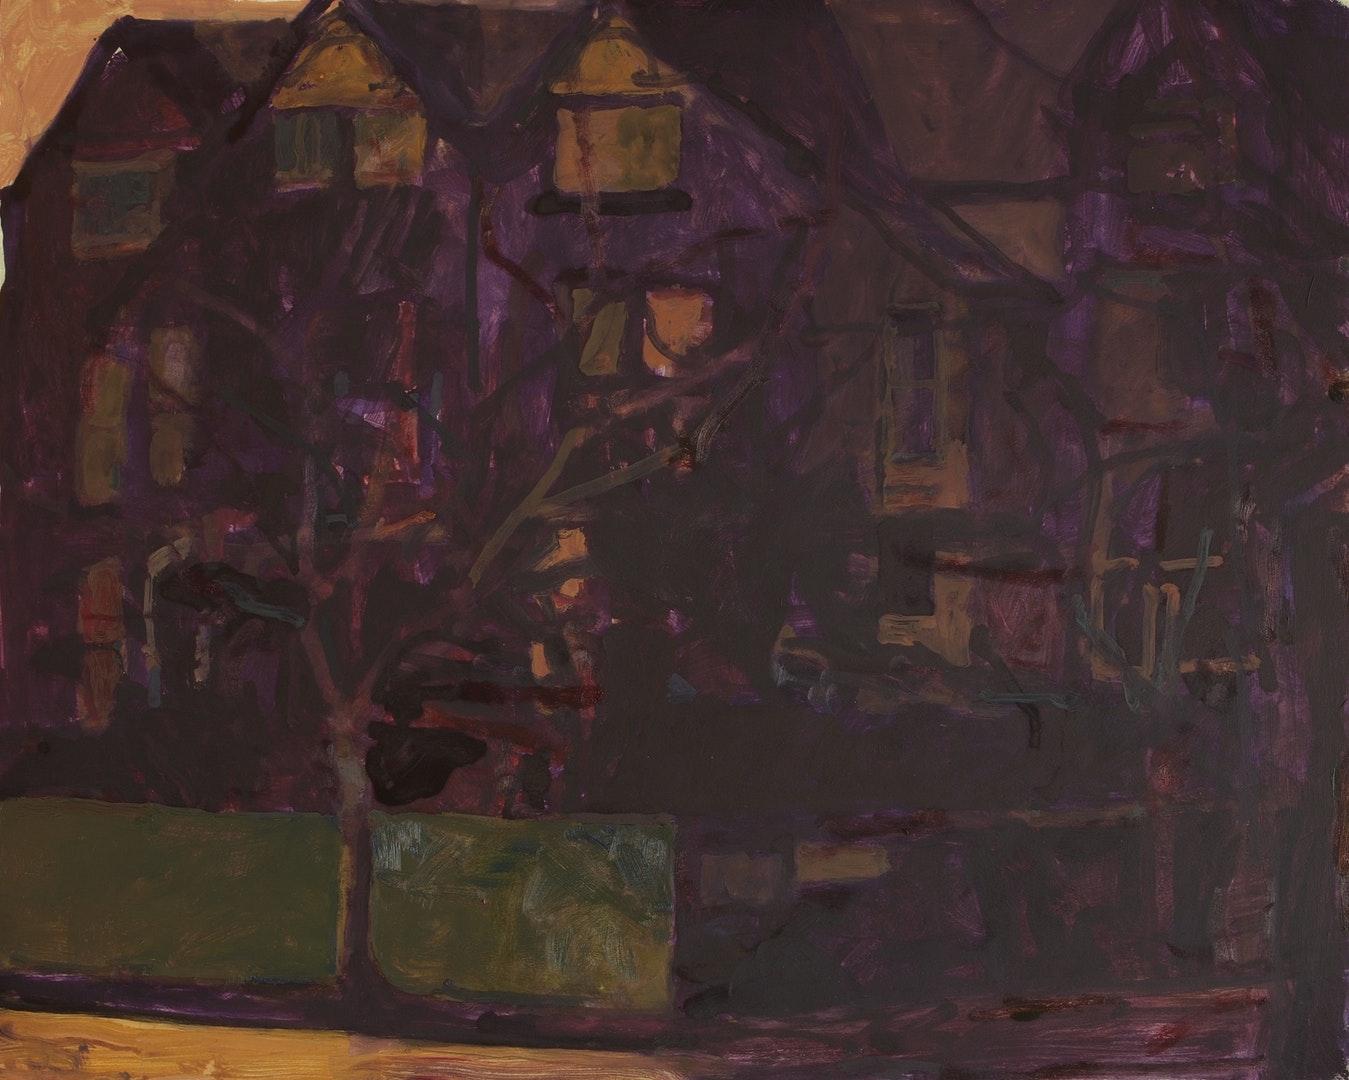 'Burton Crescent, Headingley, Leeds III', Jonathan Hooper, Oil on board, 41 x 51 cm